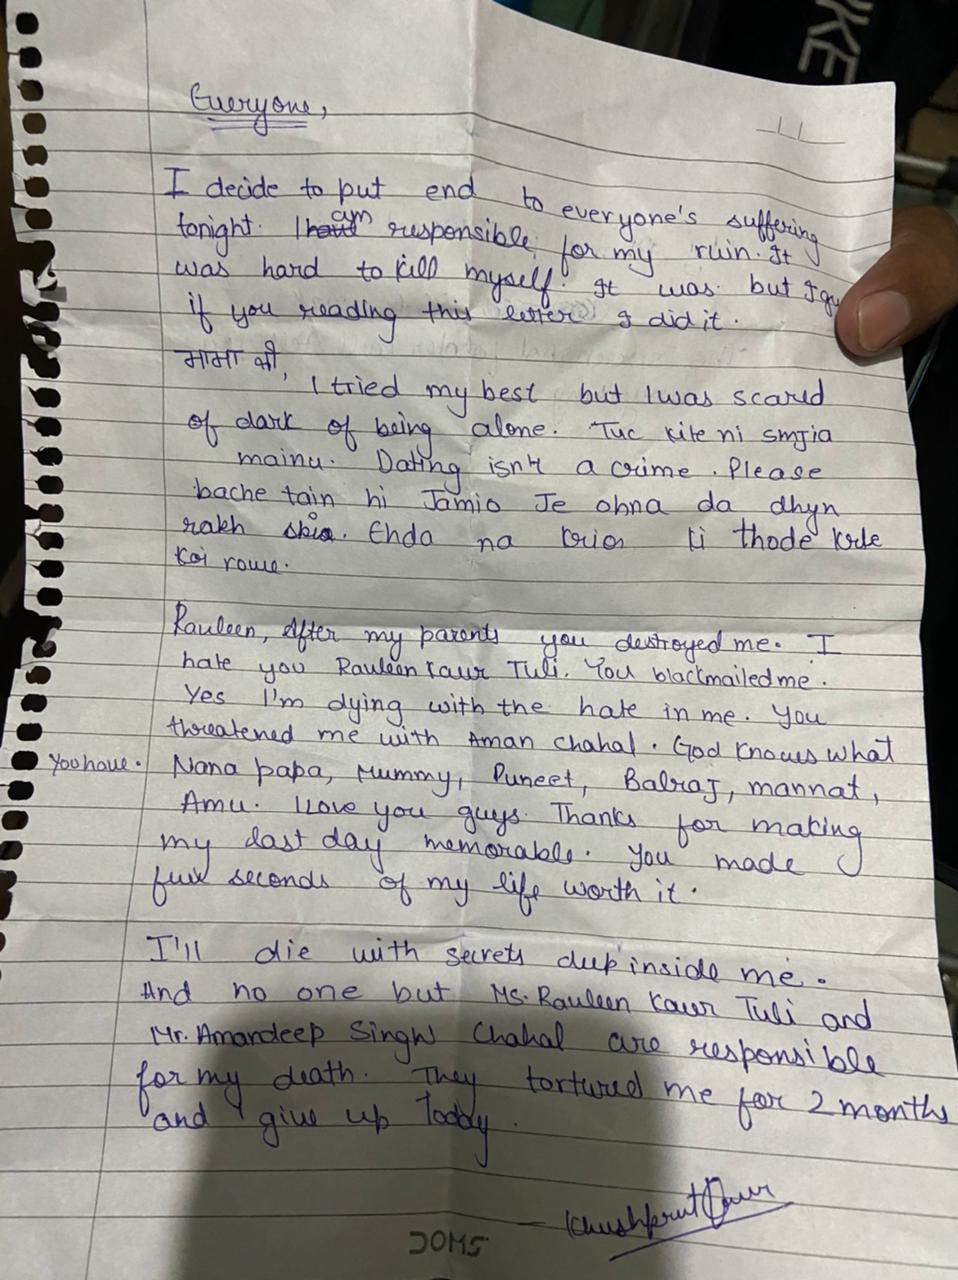 ਸਕੂਲ ਪ੍ਰਿੰਸੀਪਲ ਦੀ ਧੀ ਤੇ ਡੀਪੀਈ ਤੋਂ ਤੰਗ ਕੈਨੇਡਾ ਨਾਗਰਿਕ 11ਵੀਂ ਦੀ ਵਿਦਿਆਰਥਣ ਨੇ ਖ਼ੁਦਕੁਸ਼ੀ ਕੀਤੀ